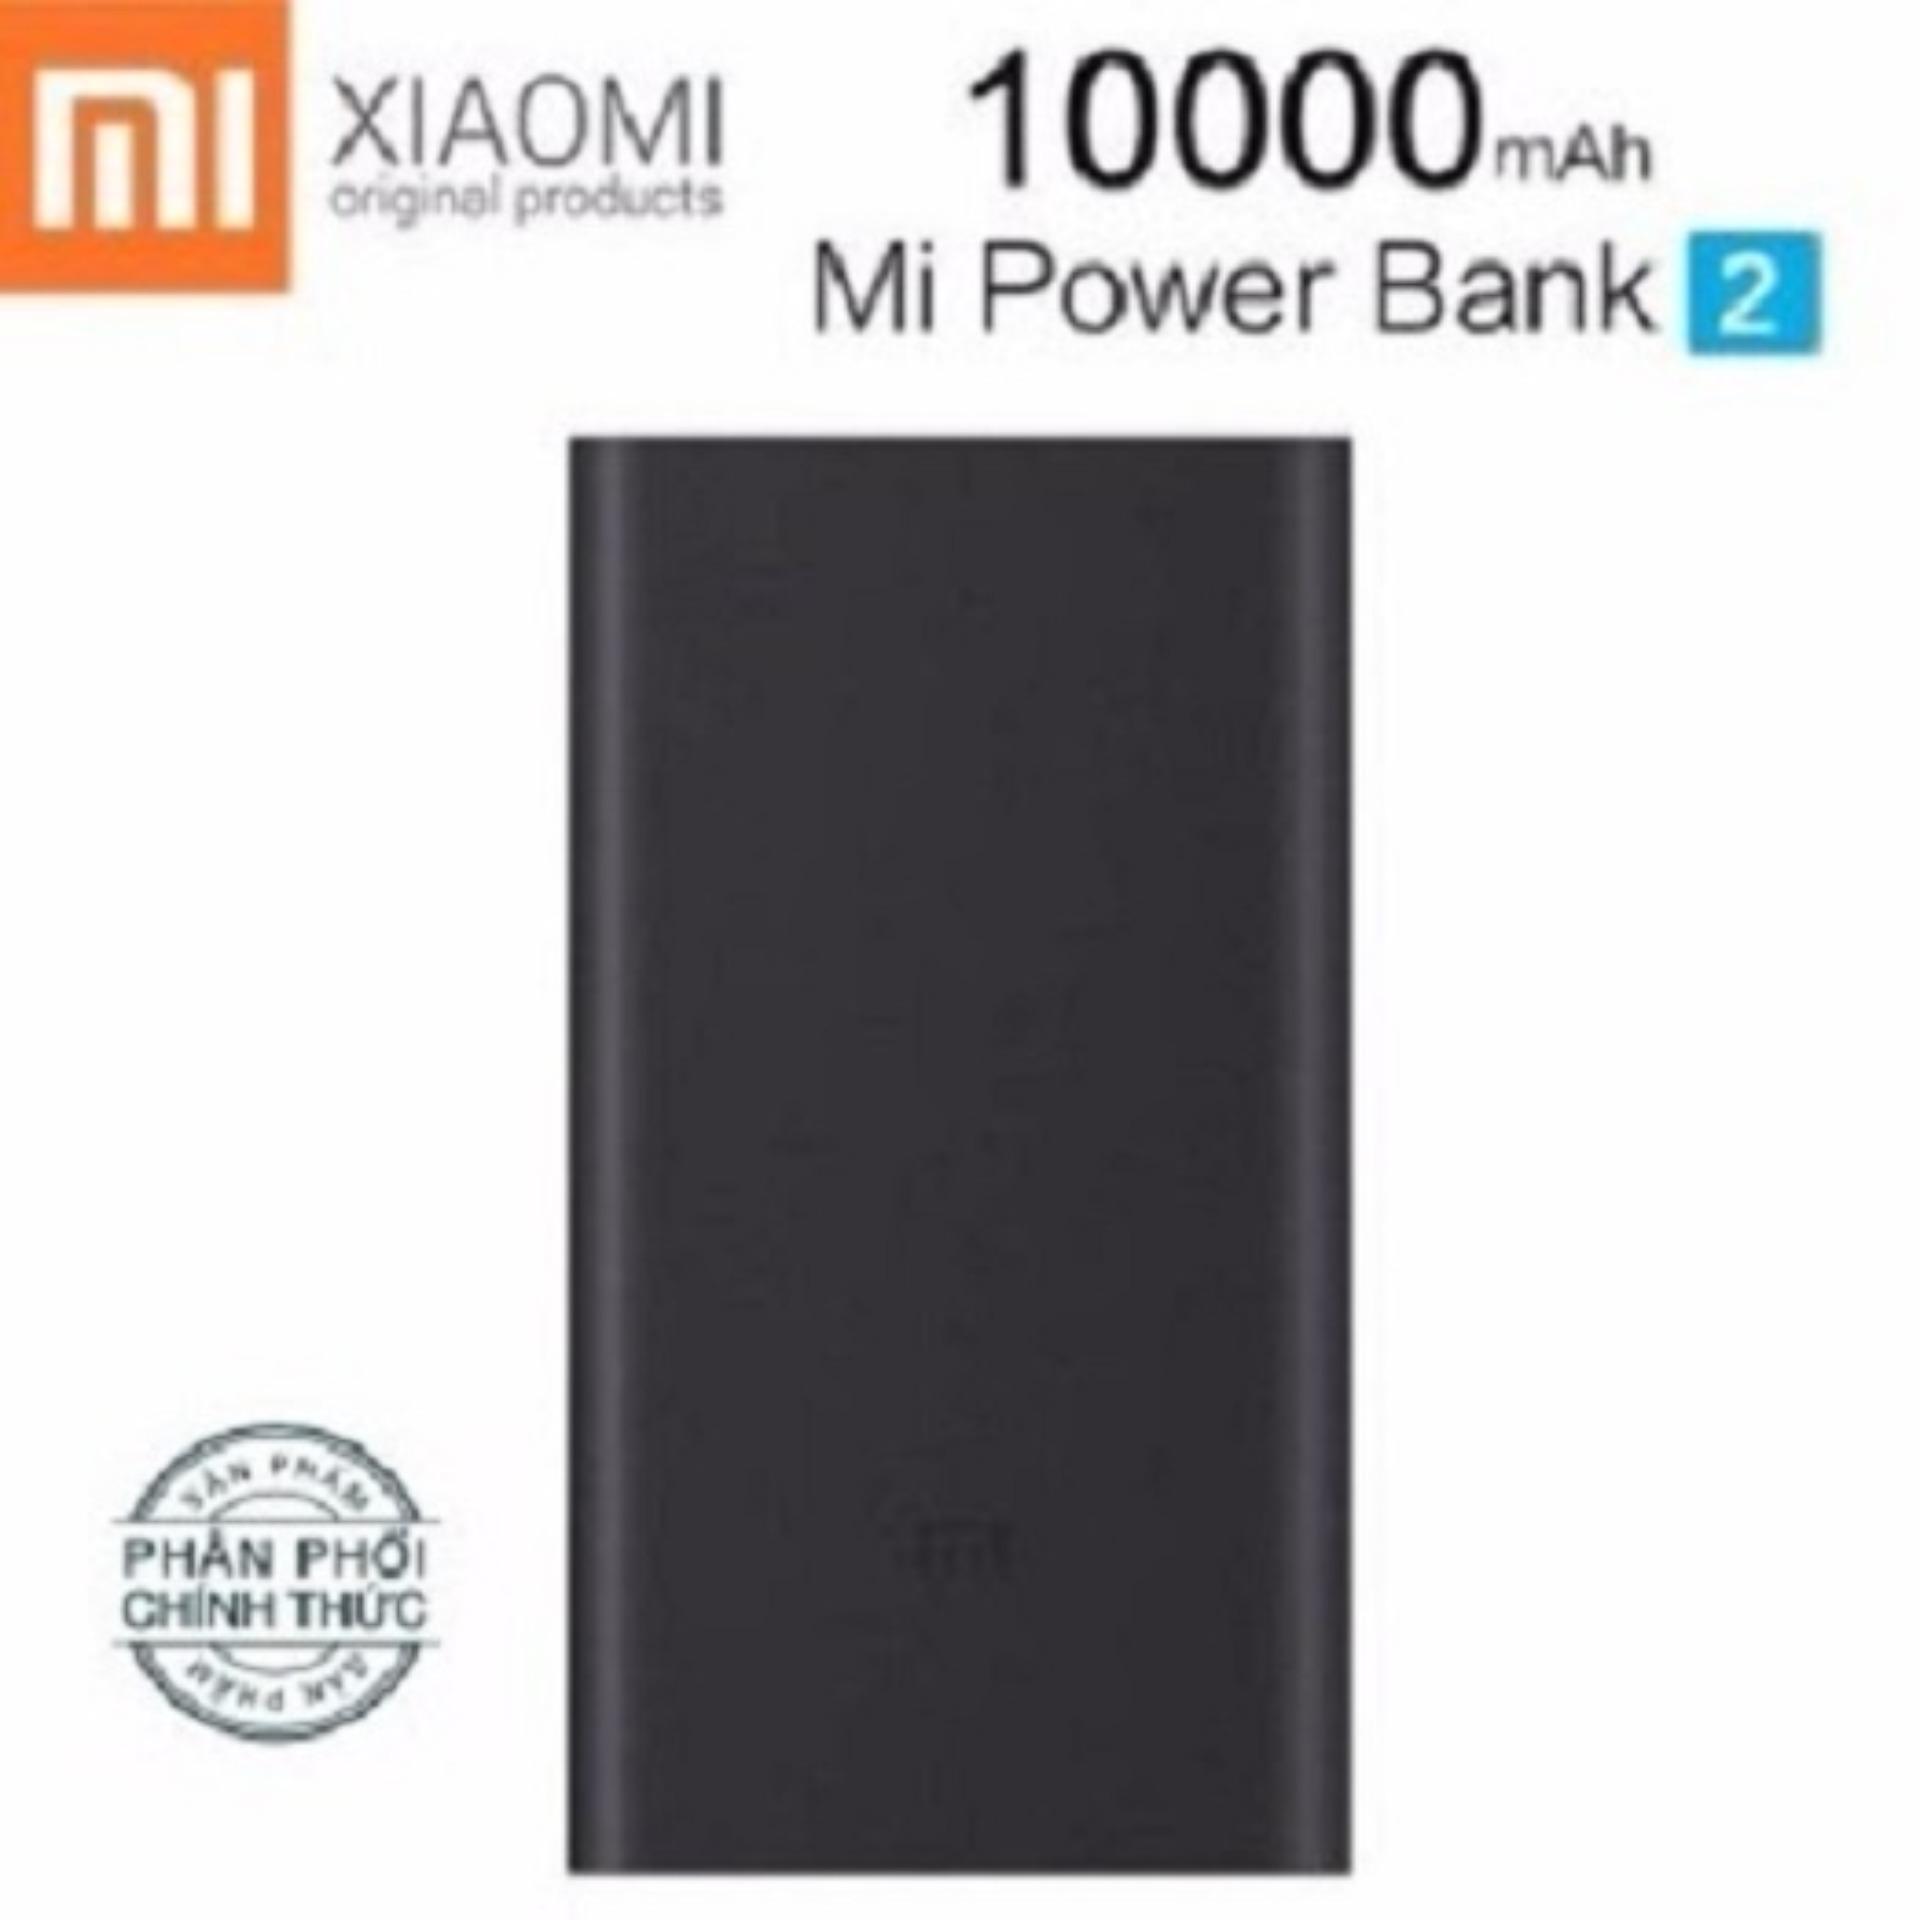 Giá Bán Pin Sạc Dự Phong Xiaomi 10 000Mah Gen 2 Đen Hang Phan Phối Chinh Thức Nguyên Xiaomi